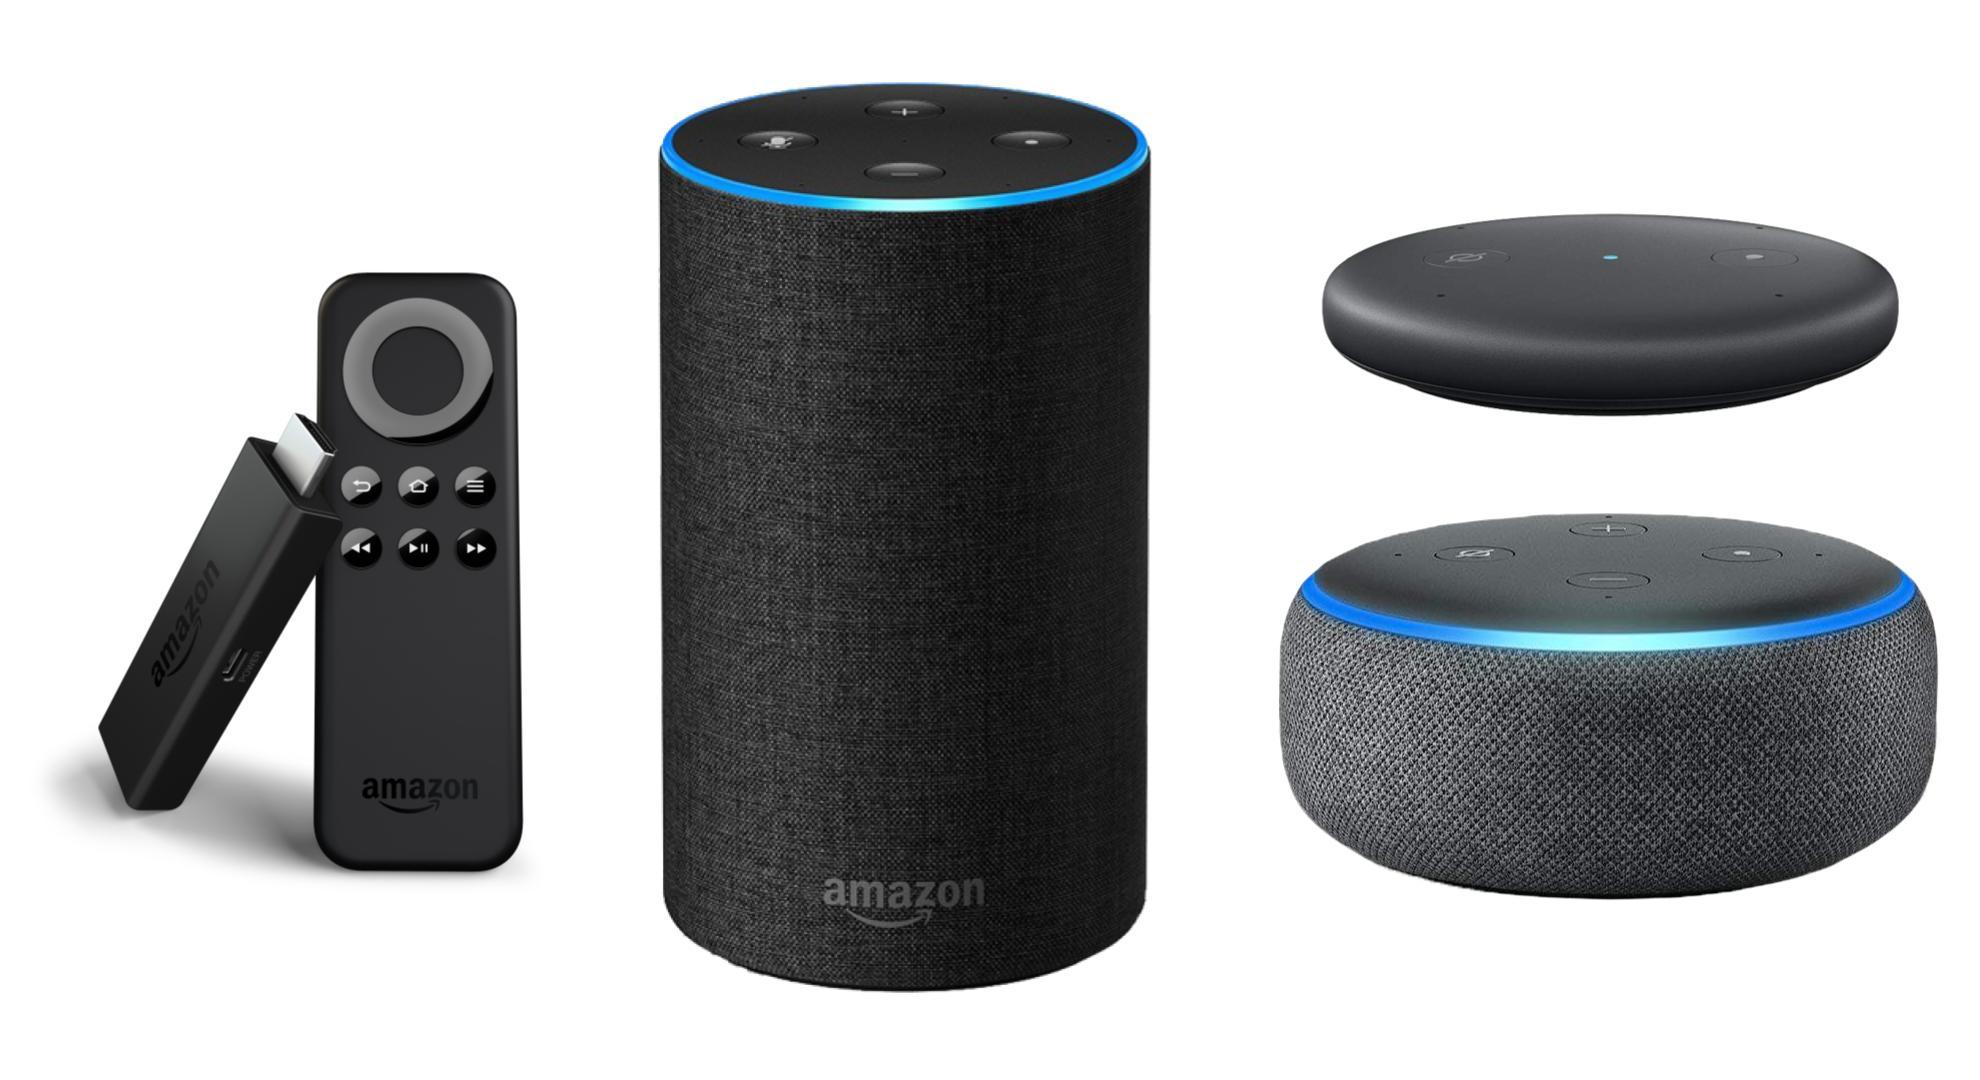 🔥 Bon plan : jusqu'à -42% sur les appareils Amazon (Input, Dot, Echo, Fire TV Stick)